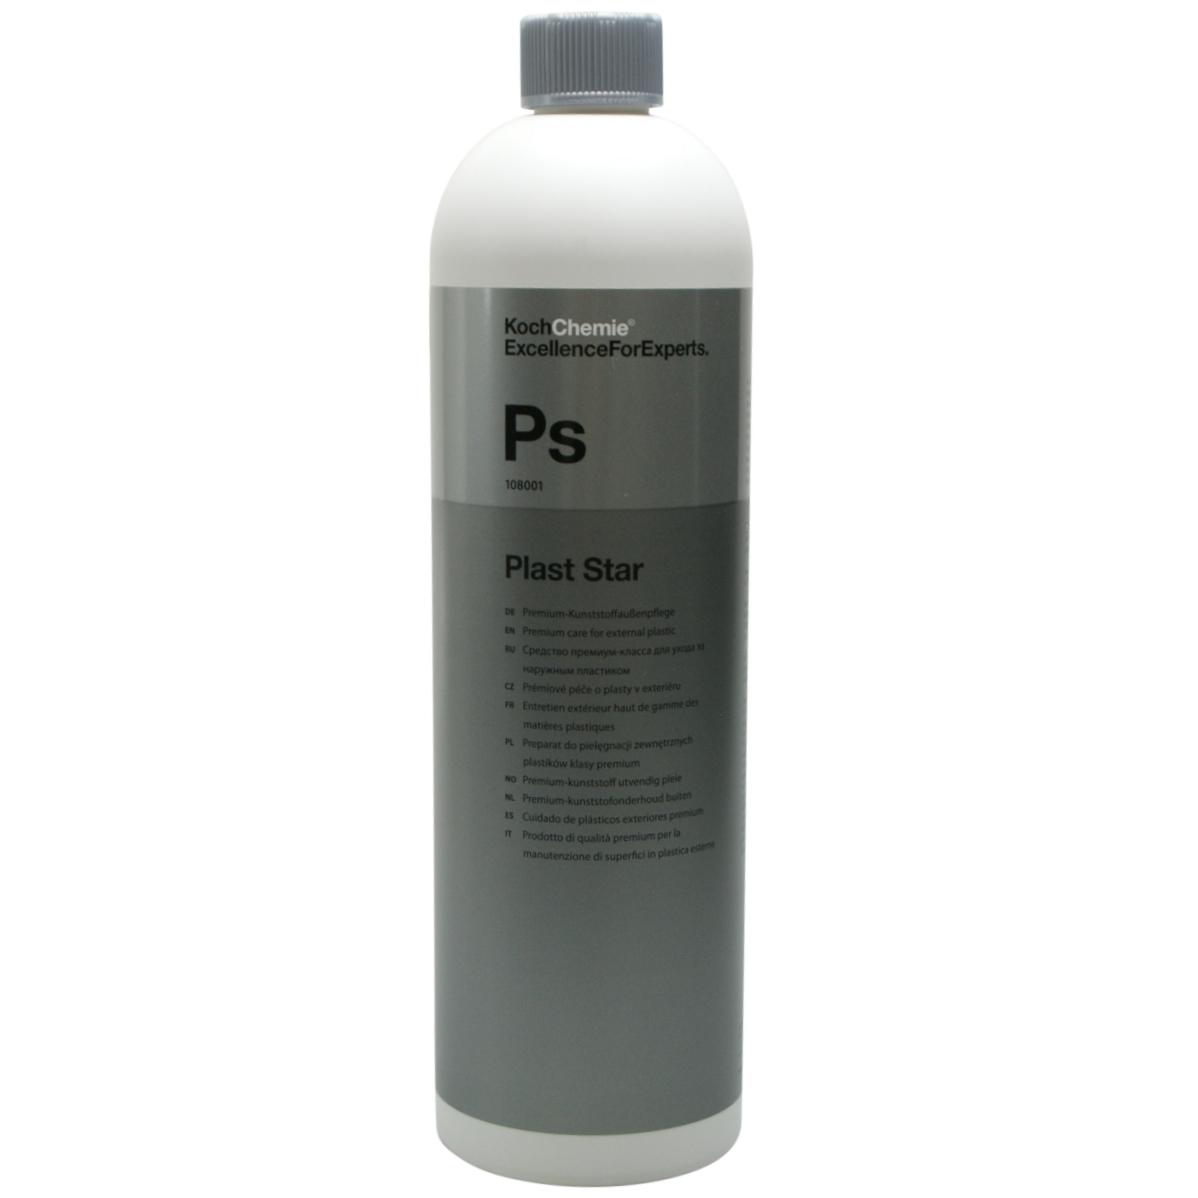 Koch chemie plast star 1 liter 770210 for Koch chemie plast star